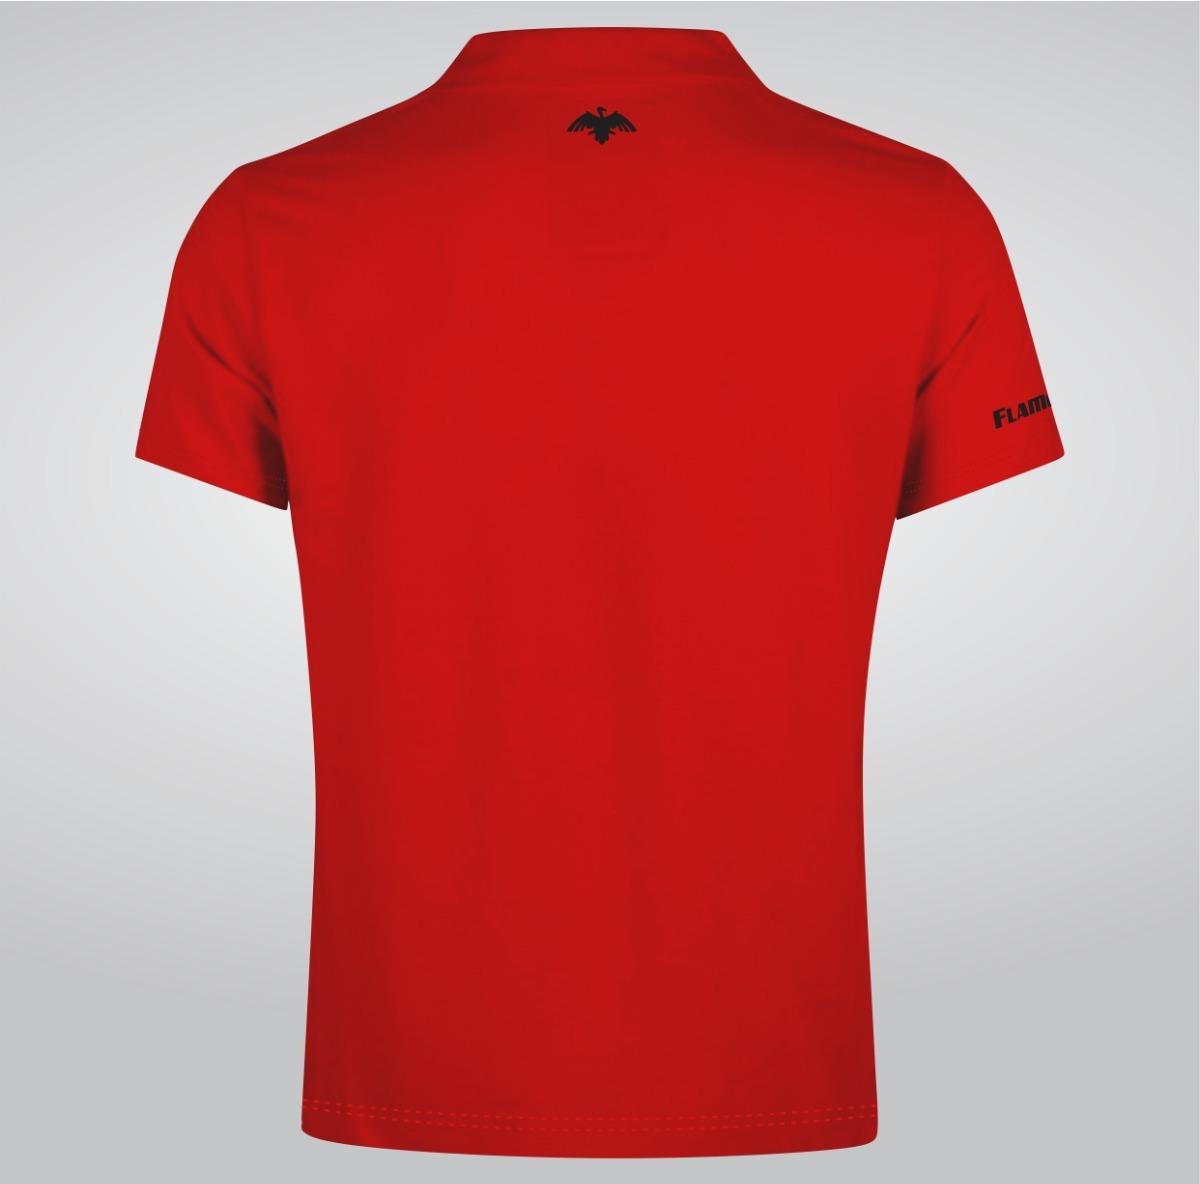 camisa camiseta flamengo polo c r f especial masculino. Carregando zoom. 6d622e91081b6